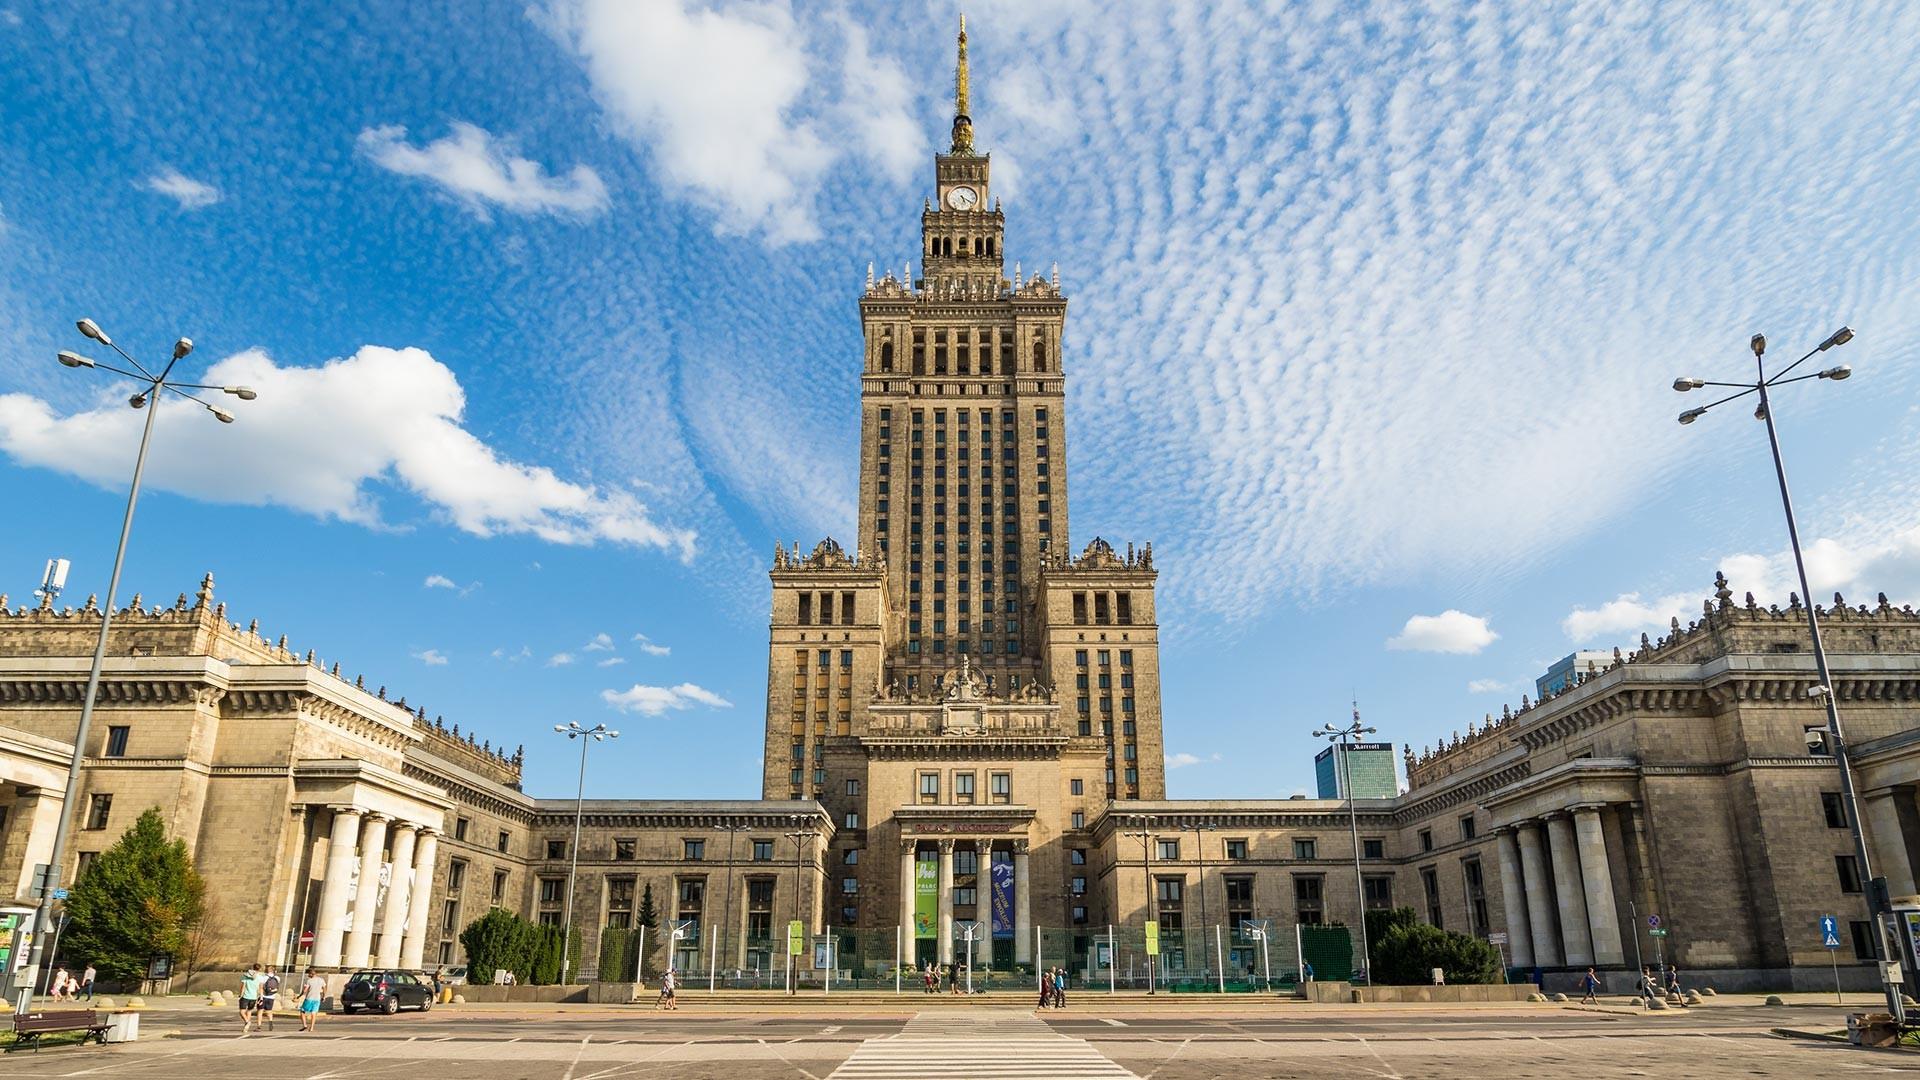 Дворац културе и науке, Варшава